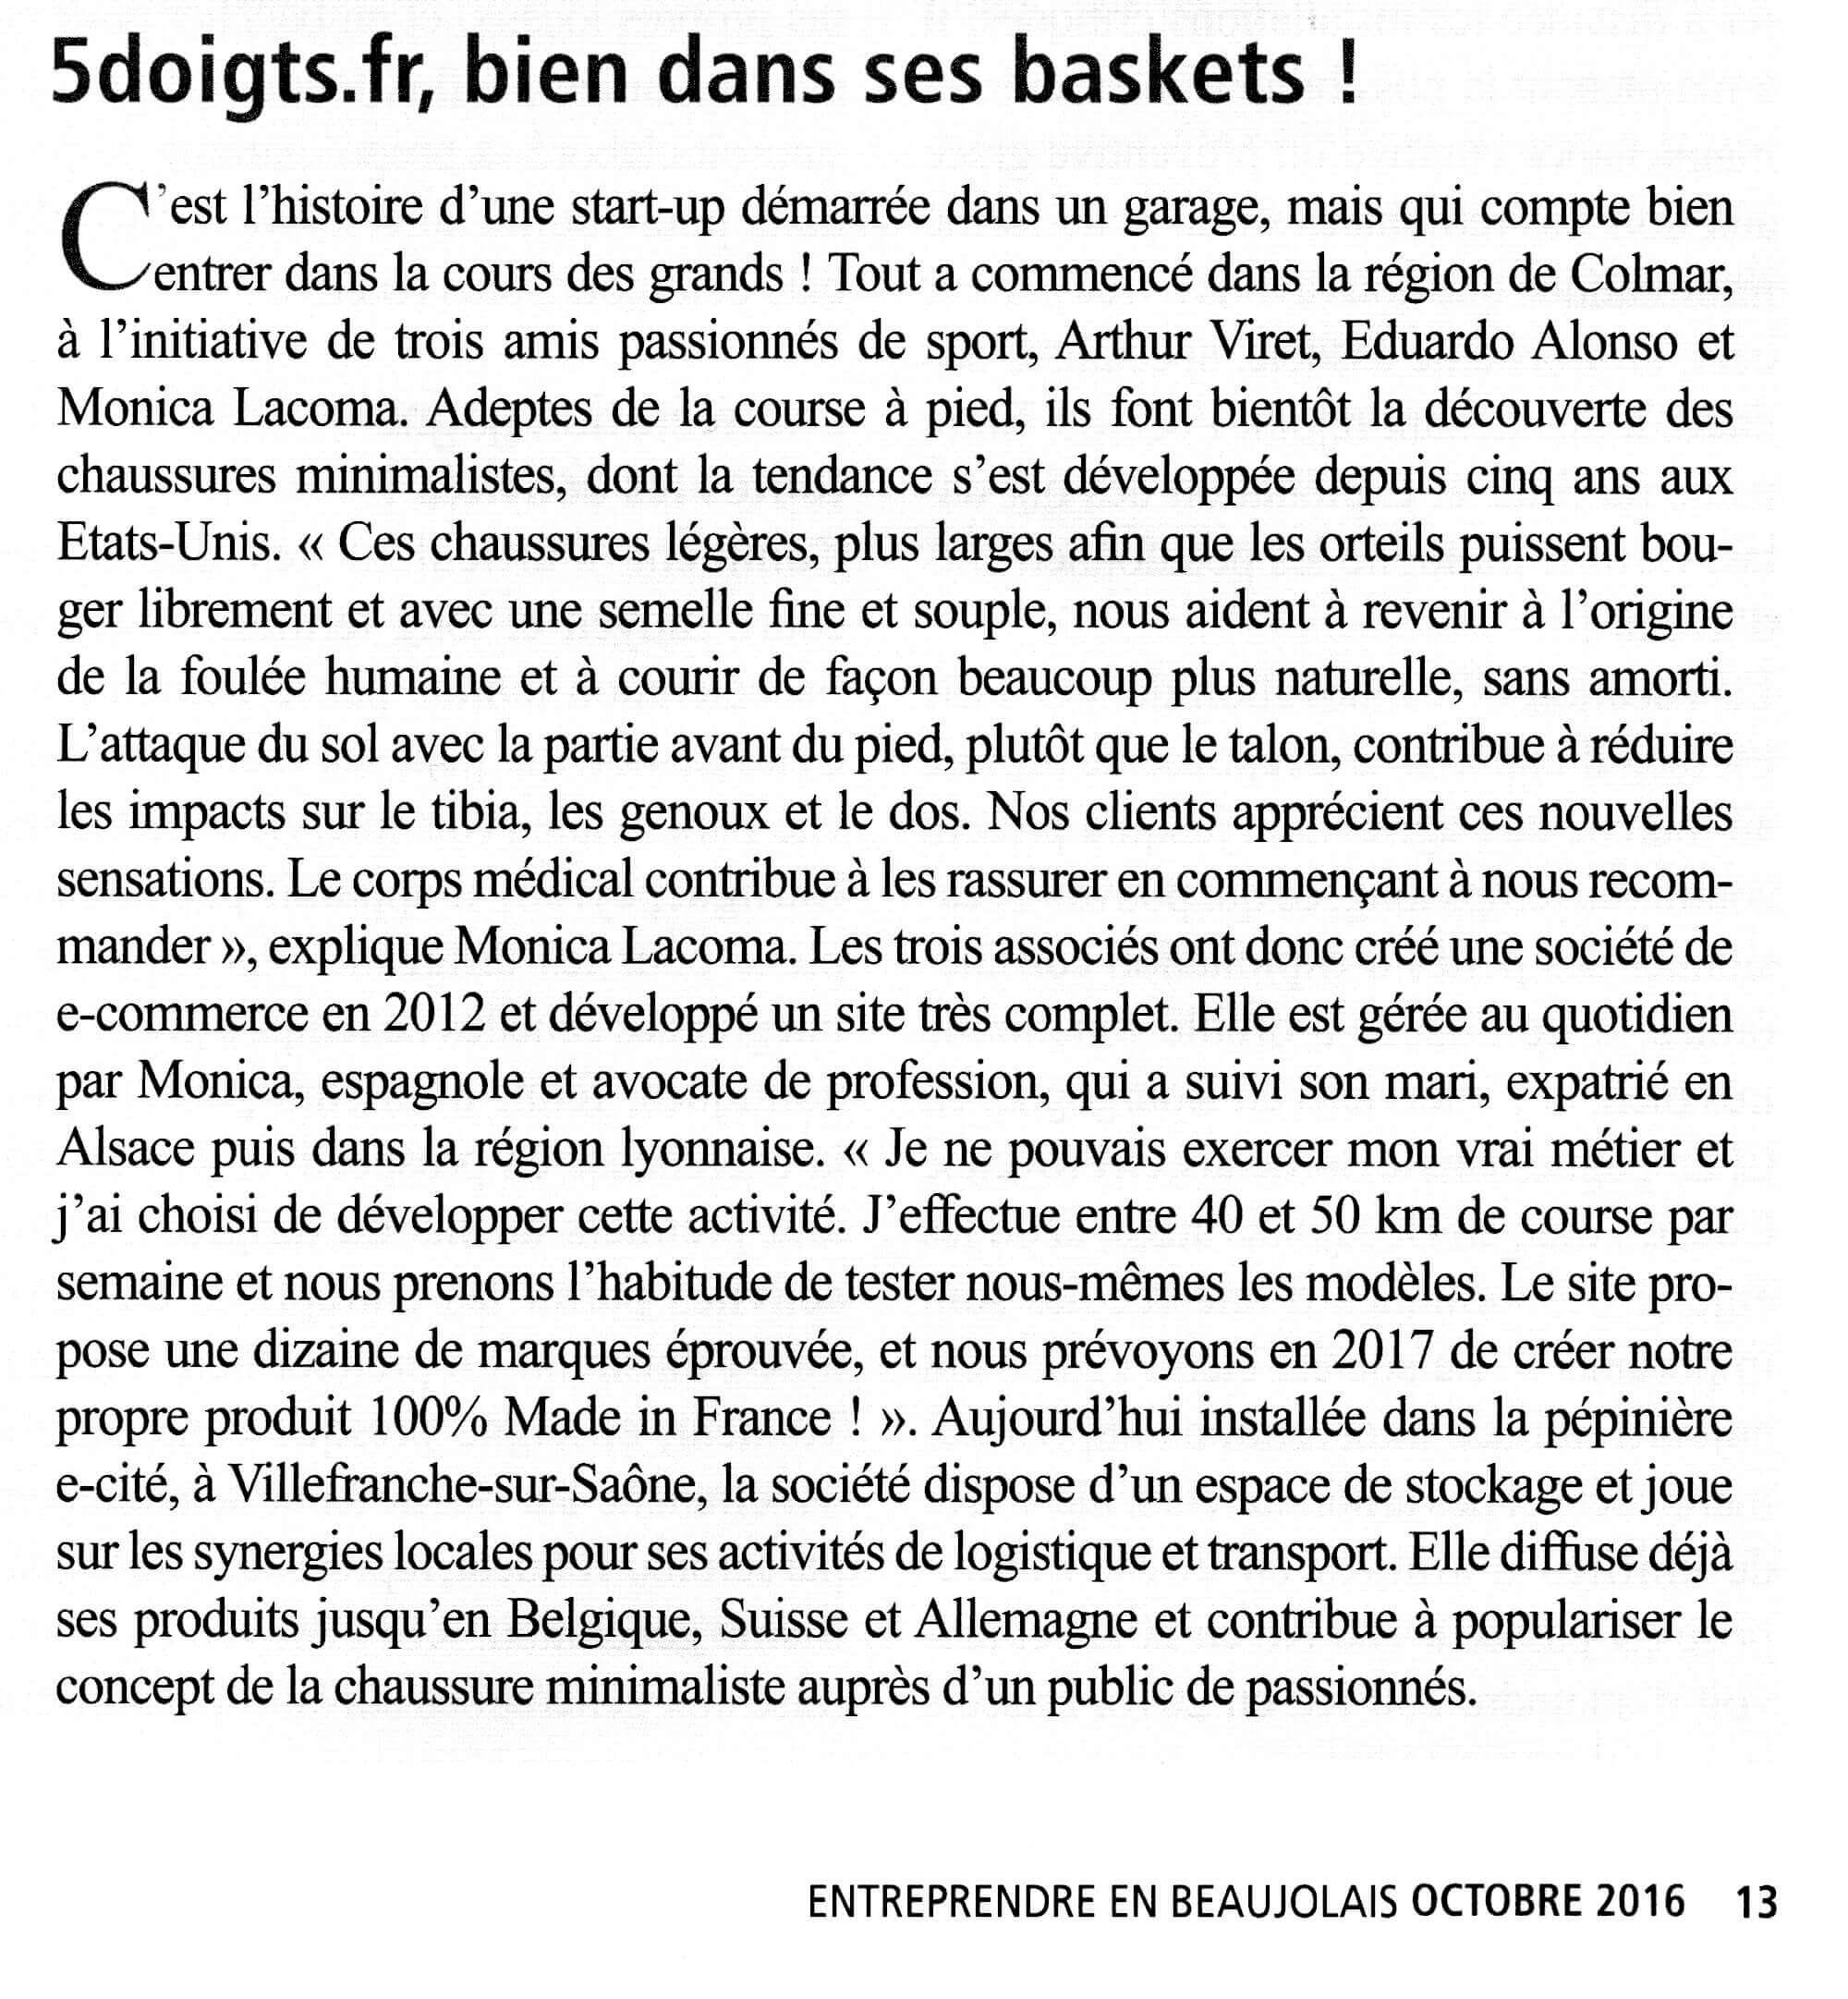 L'entreprise 5doigts.fr